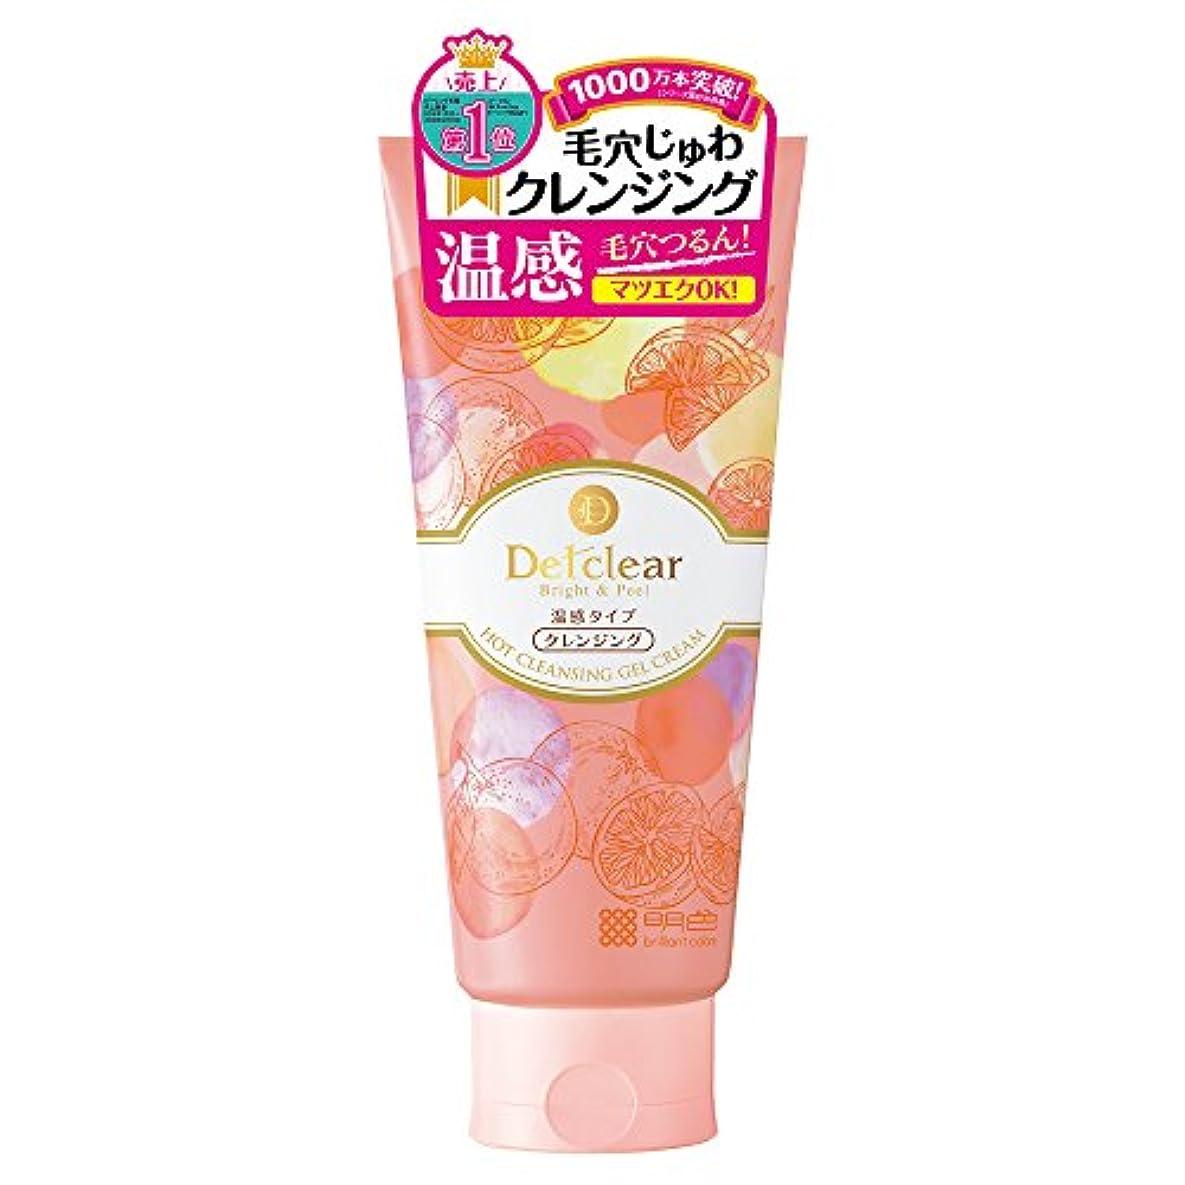 段落玉チョコレートDETクリア ブライト&ピール ホットクレンジング ジェルクリーム 200g (日本製) ベルガモットオレンジの香り